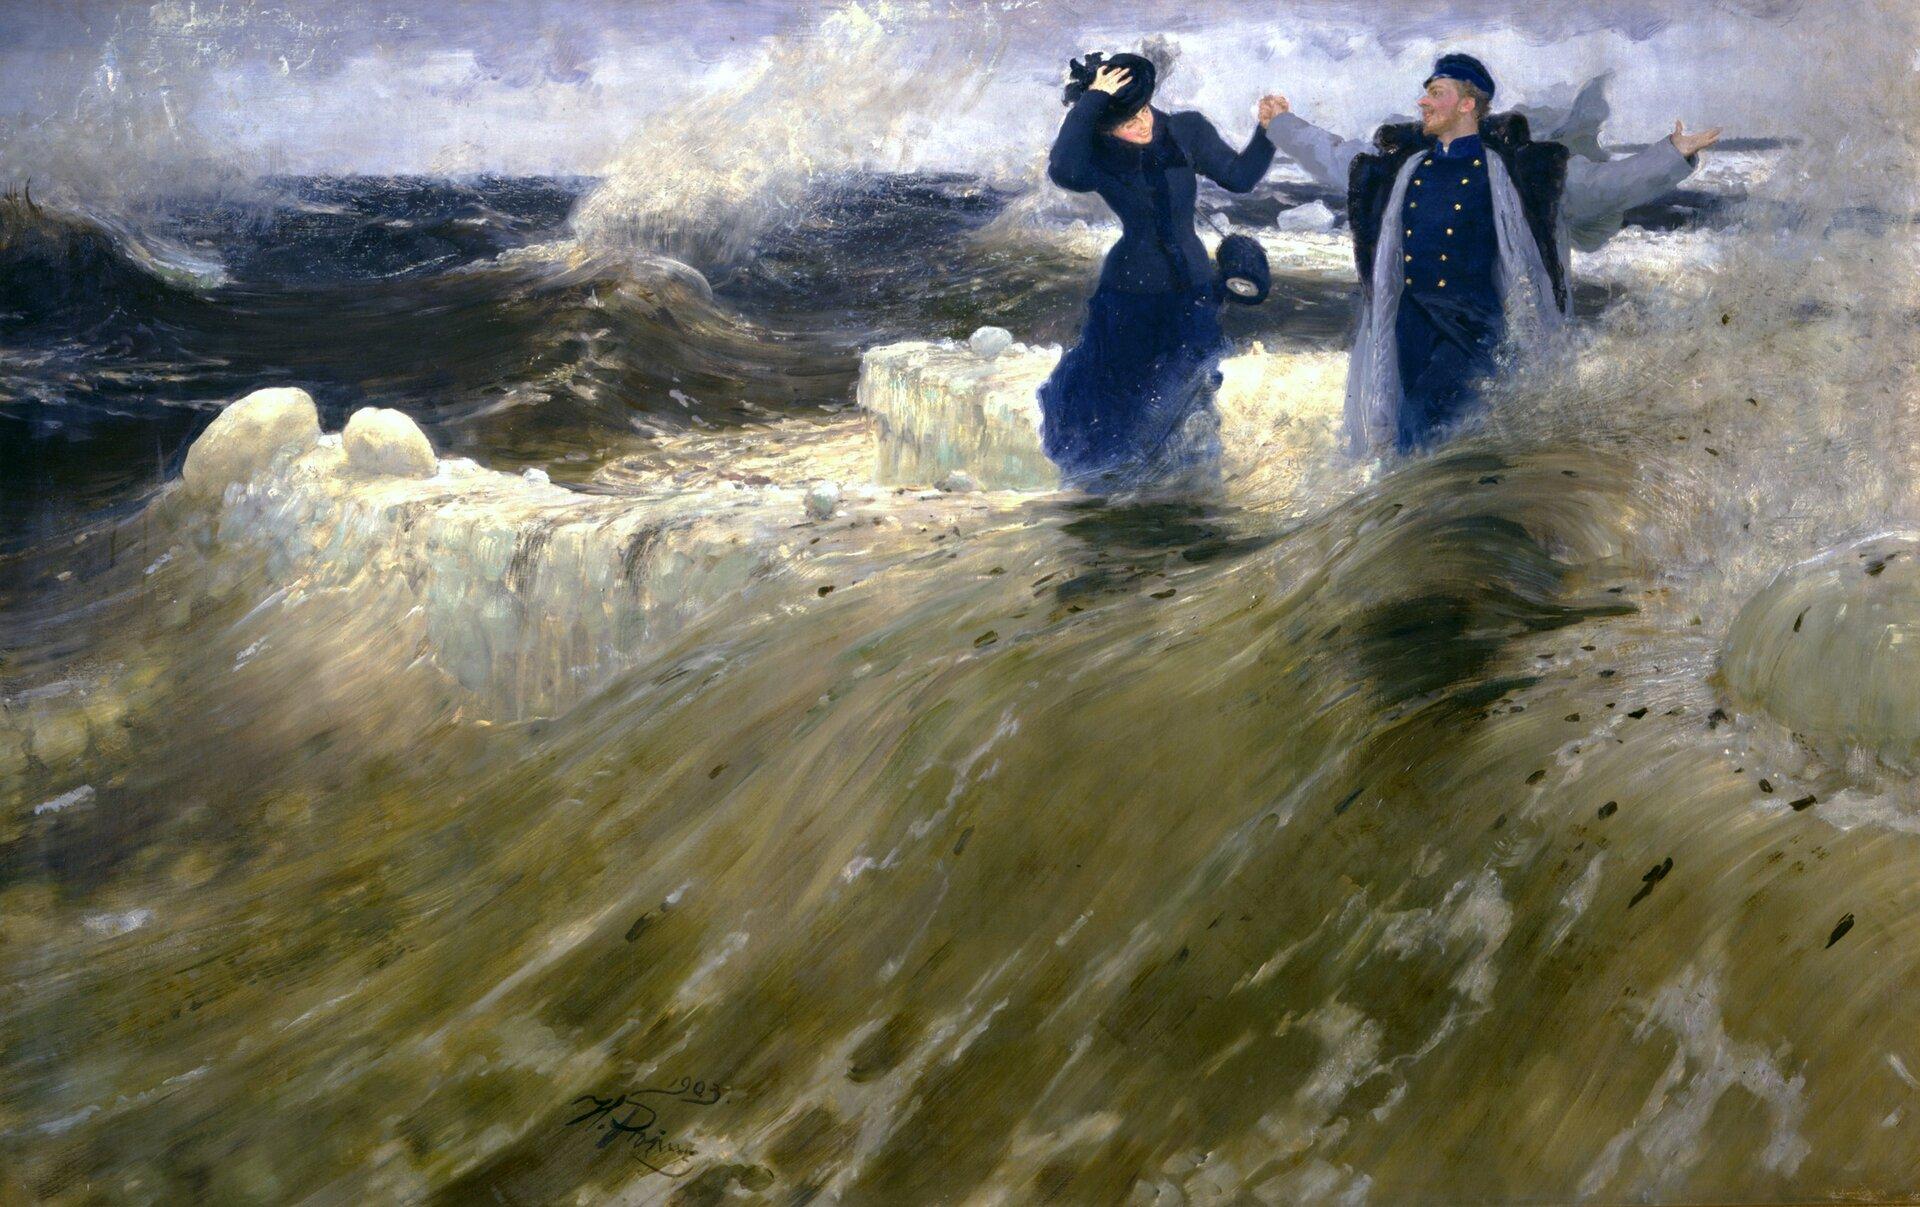 """Ilustracja przedstawia obraz Ilyi Repina pt. """"Co za wolność!"""". Obraz przedstawia parę znajdującą się wzburzonym morzu pośród dużych fal. Kobieca postać ma na sobie granatową sukienkę oraz torebkę, jedną rękę przytrzymuje kapelusz. Mężczyzna ubrany jest wgranatowy mundur, czapkę oraz szary płaszcz. Para trzyma się za ręce. Postaci wyglądają na uśmiechniętych iszczęśliwych. Wdziele przeważają odcienie ciemnej zieleni oraz niebieskiego."""